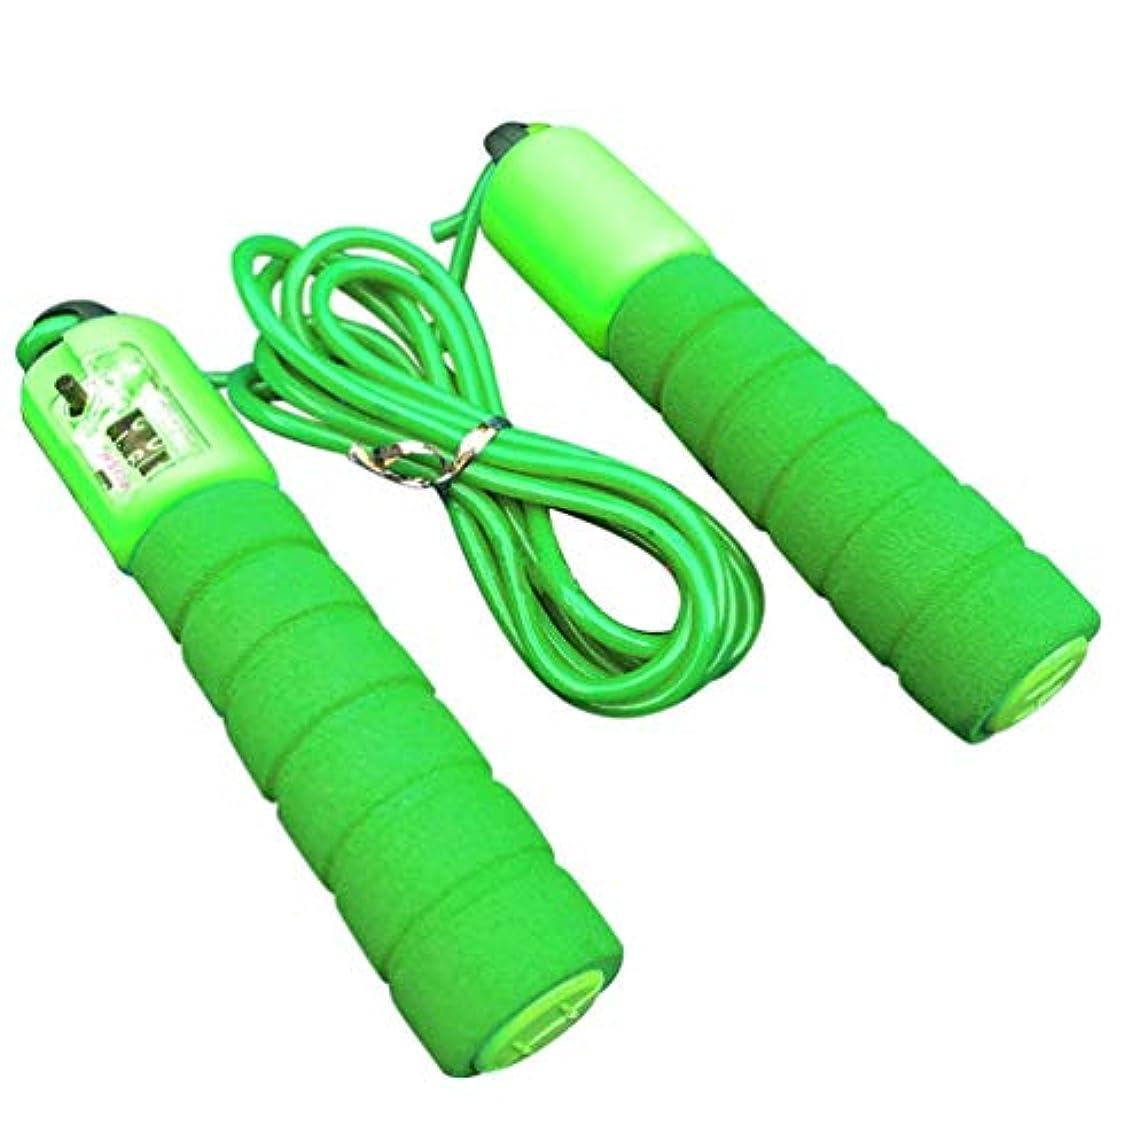 平衡ホームレス変形調節可能なプロフェッショナルカウント縄跳び自動カウントジャンプロープフィットネス運動高速カウントジャンプロープ - グリーン